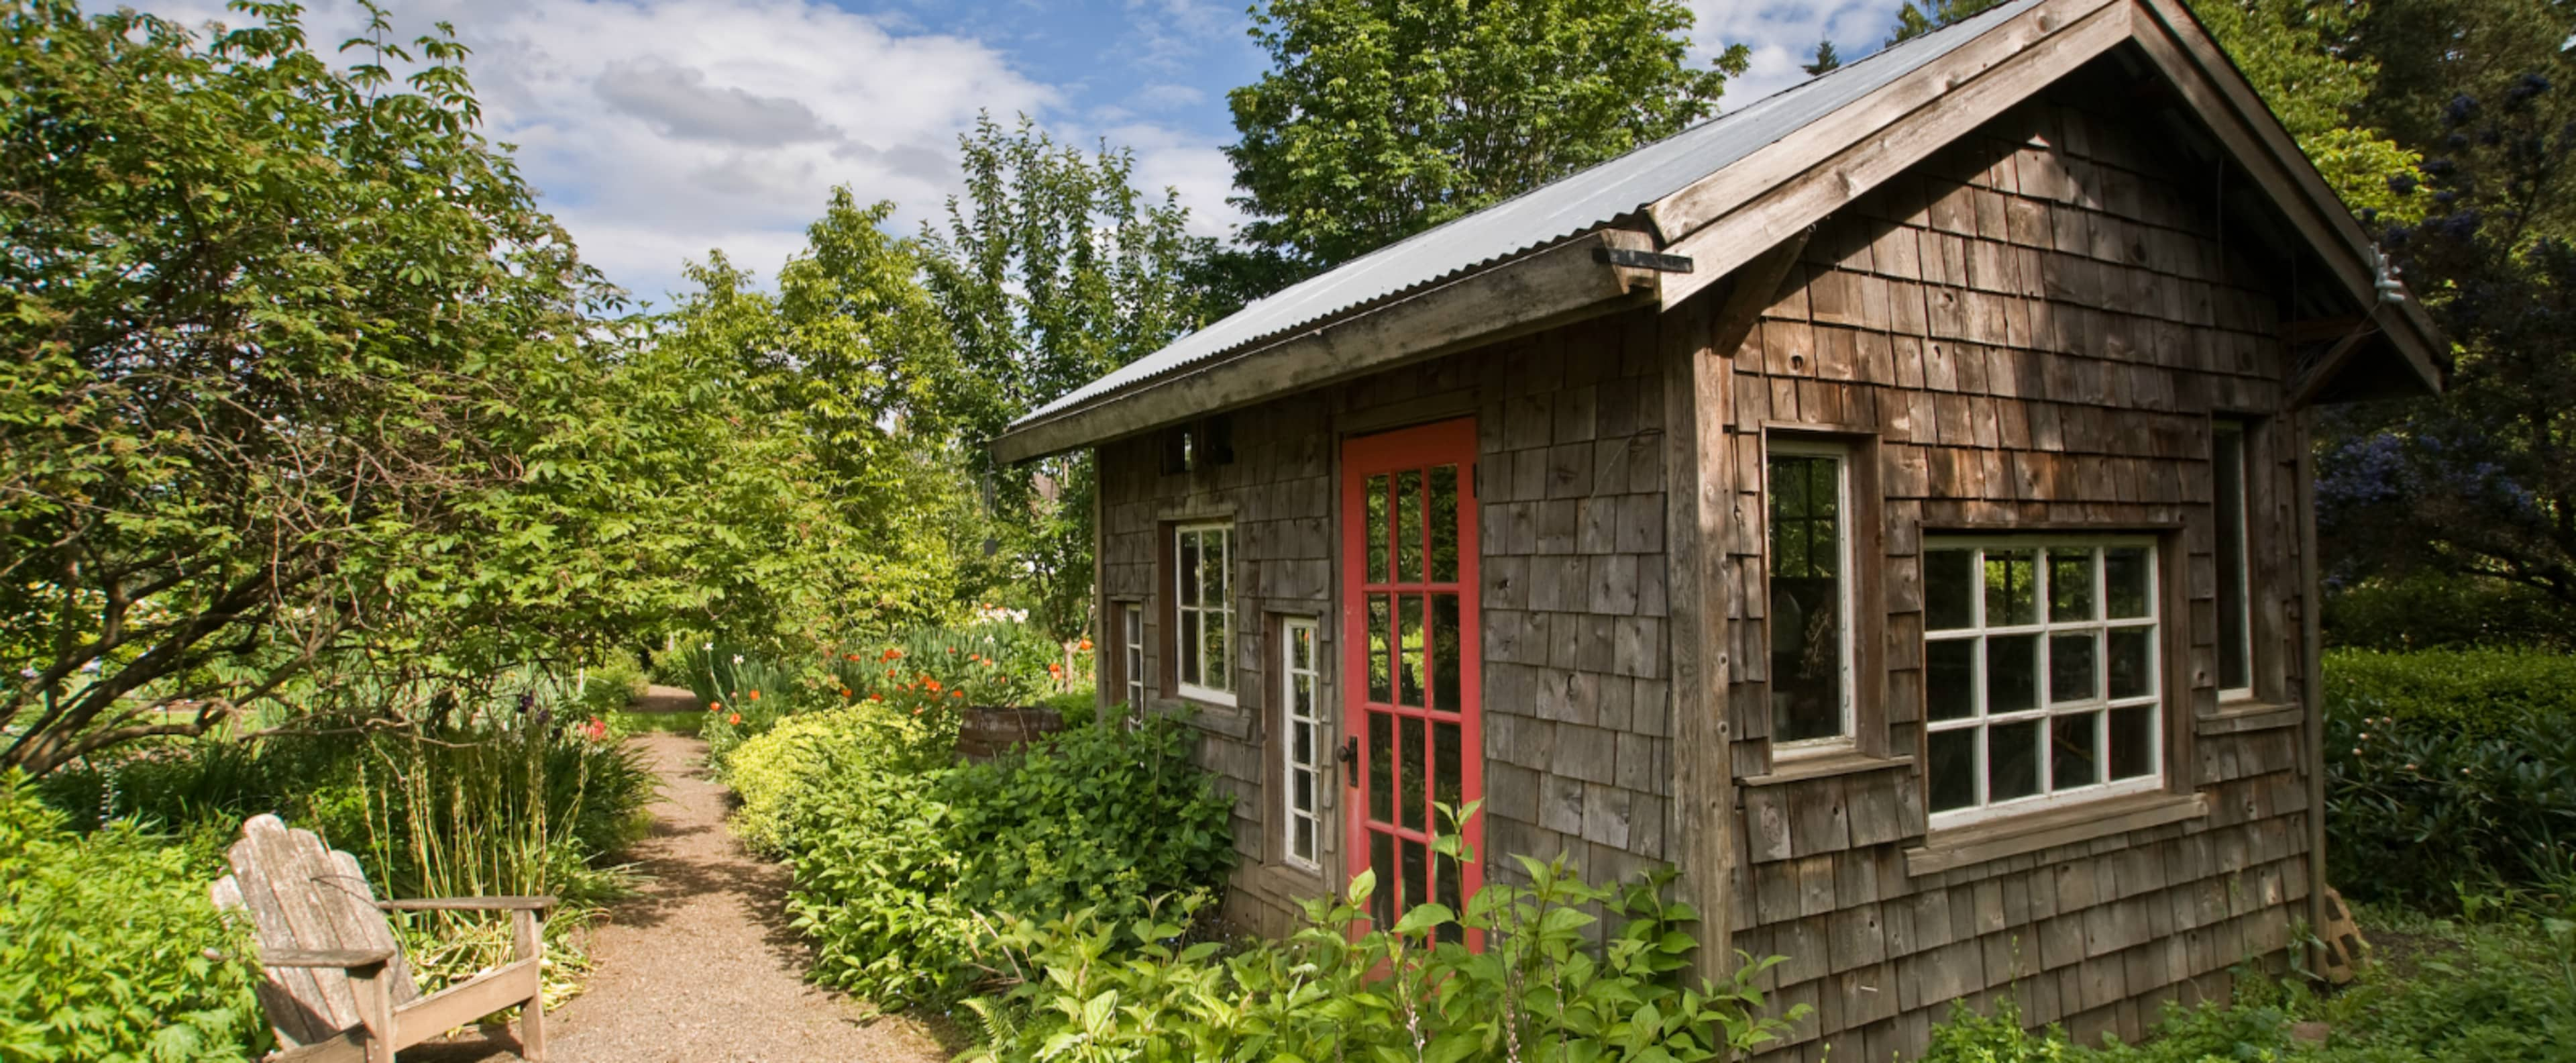 Lake Oswego, West Linn, Tualatin, Oregon Homes For Sale   Mark Miller